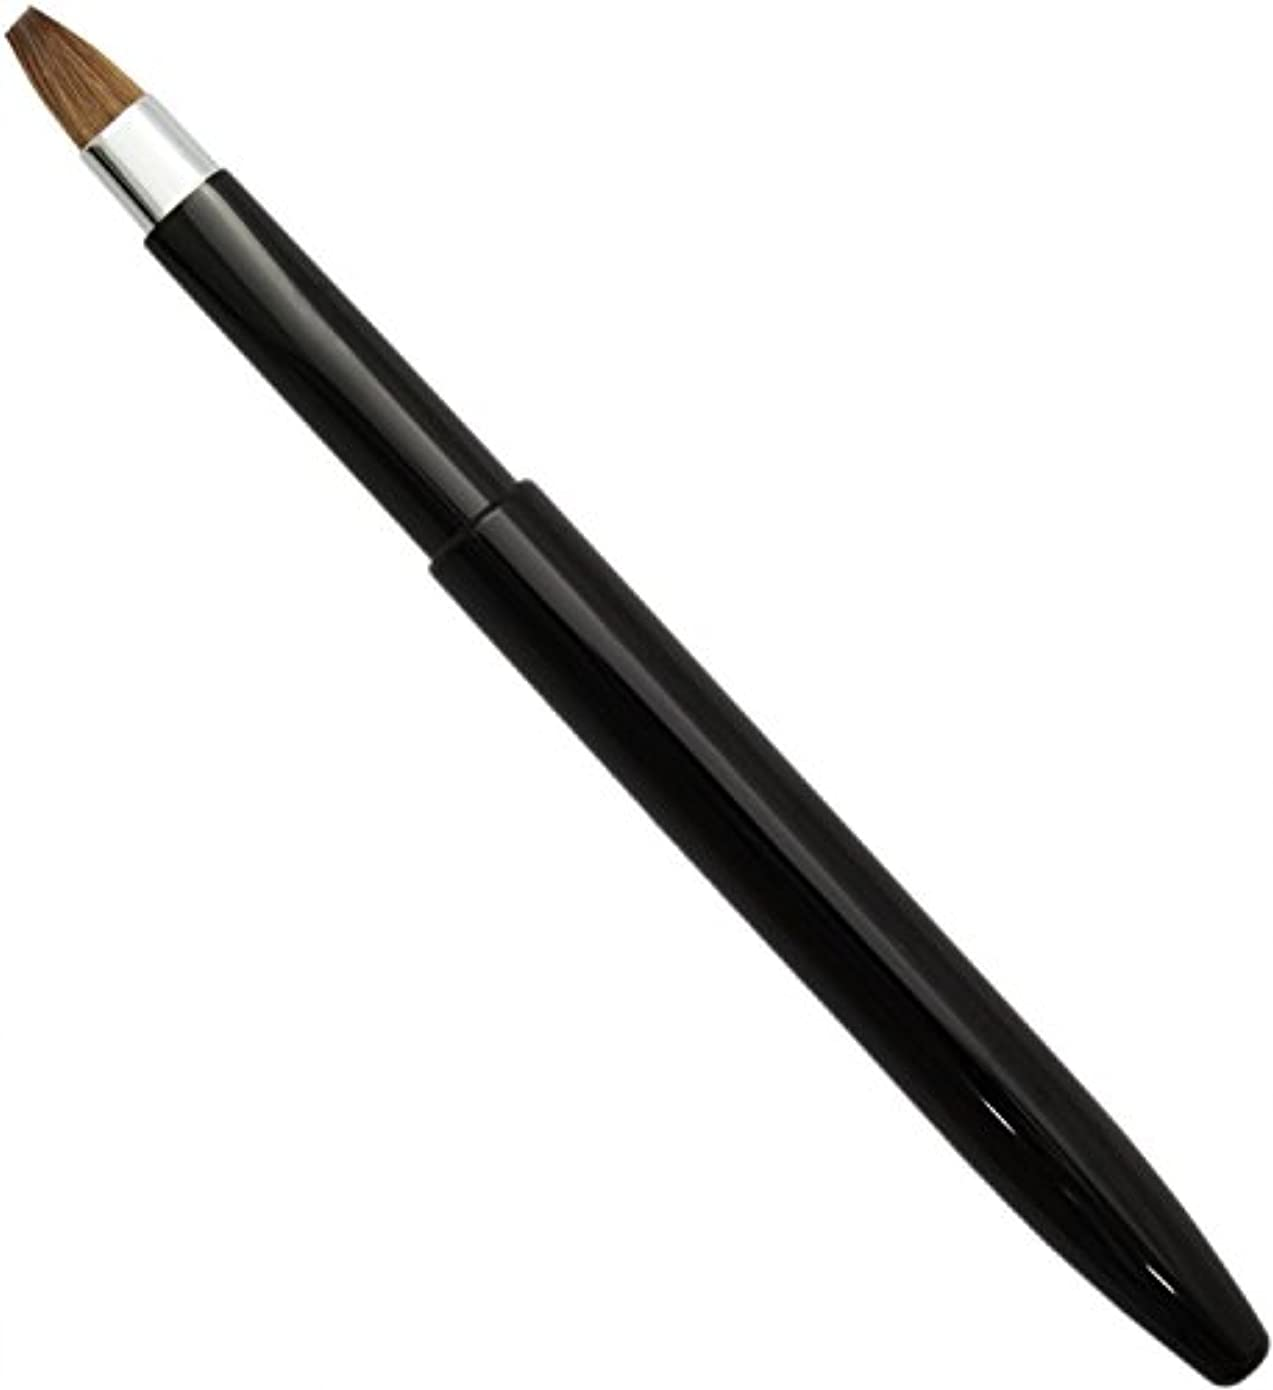 領事館おもちゃセント熊野筆 メイクブラシ KUシリーズ リップブラシ オート イタチ毛